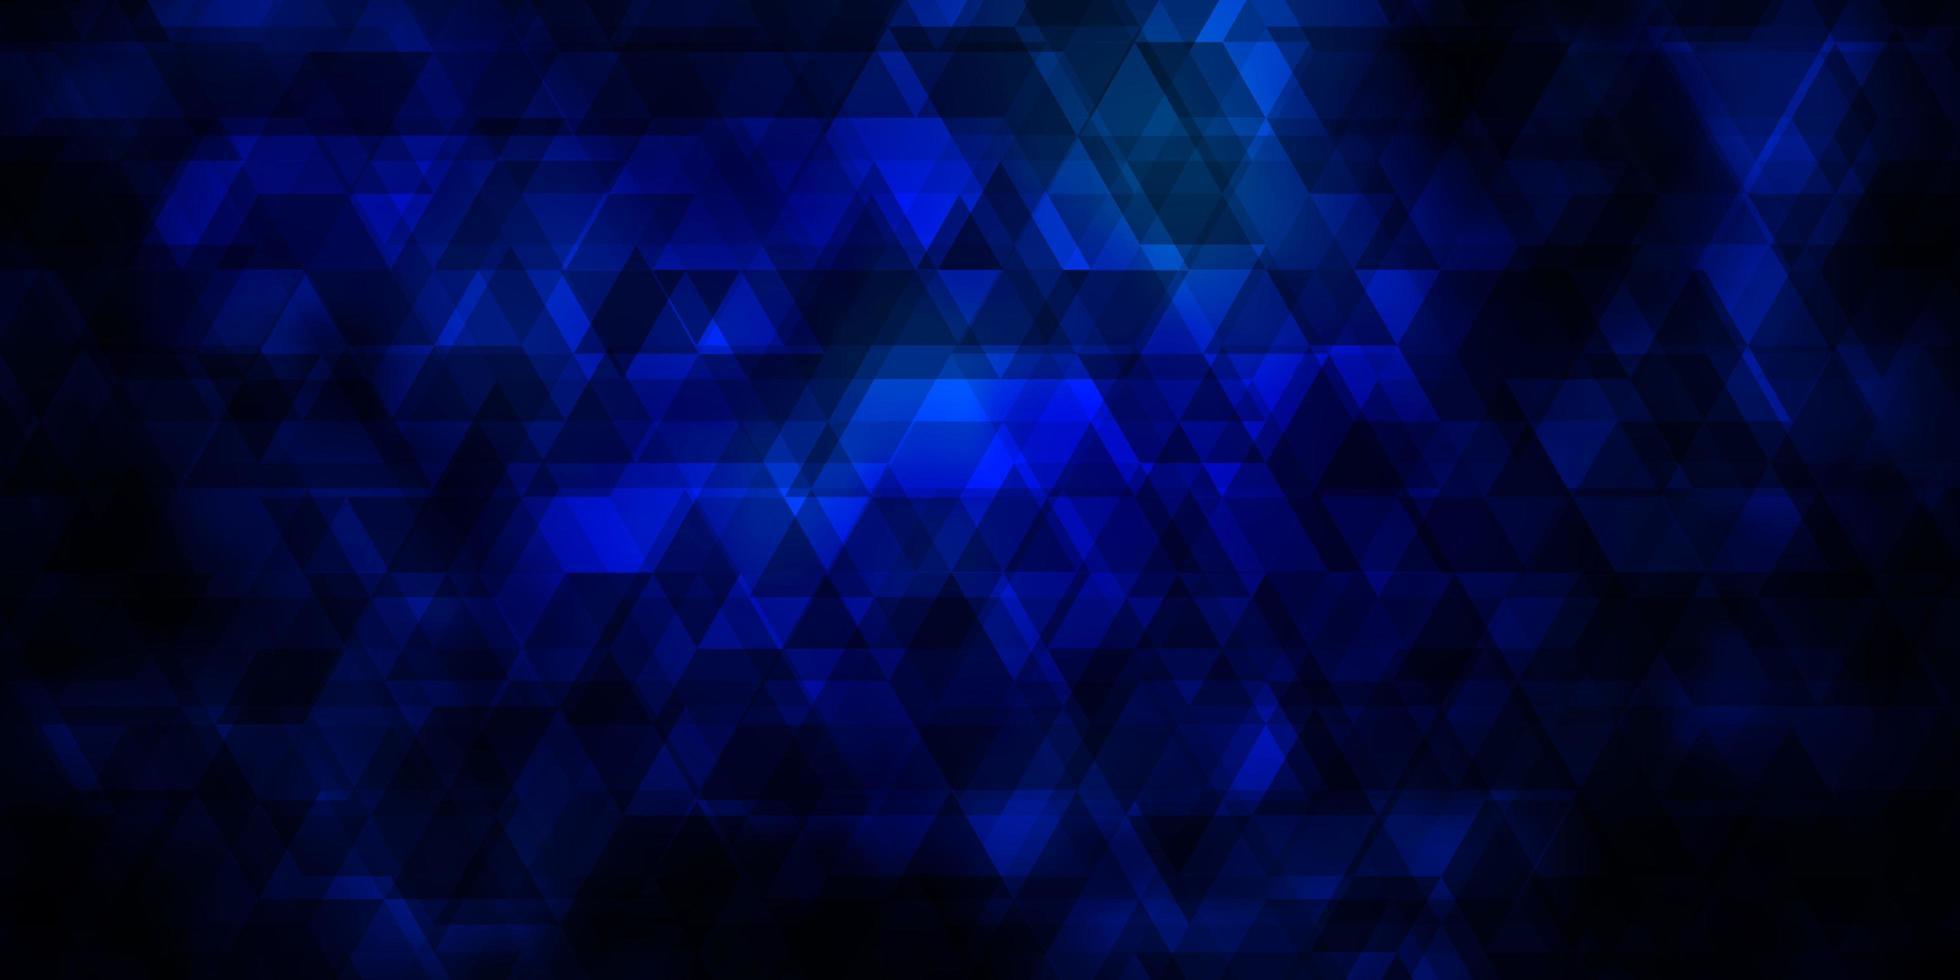 fundo vector azul escuro com linhas, triângulos.